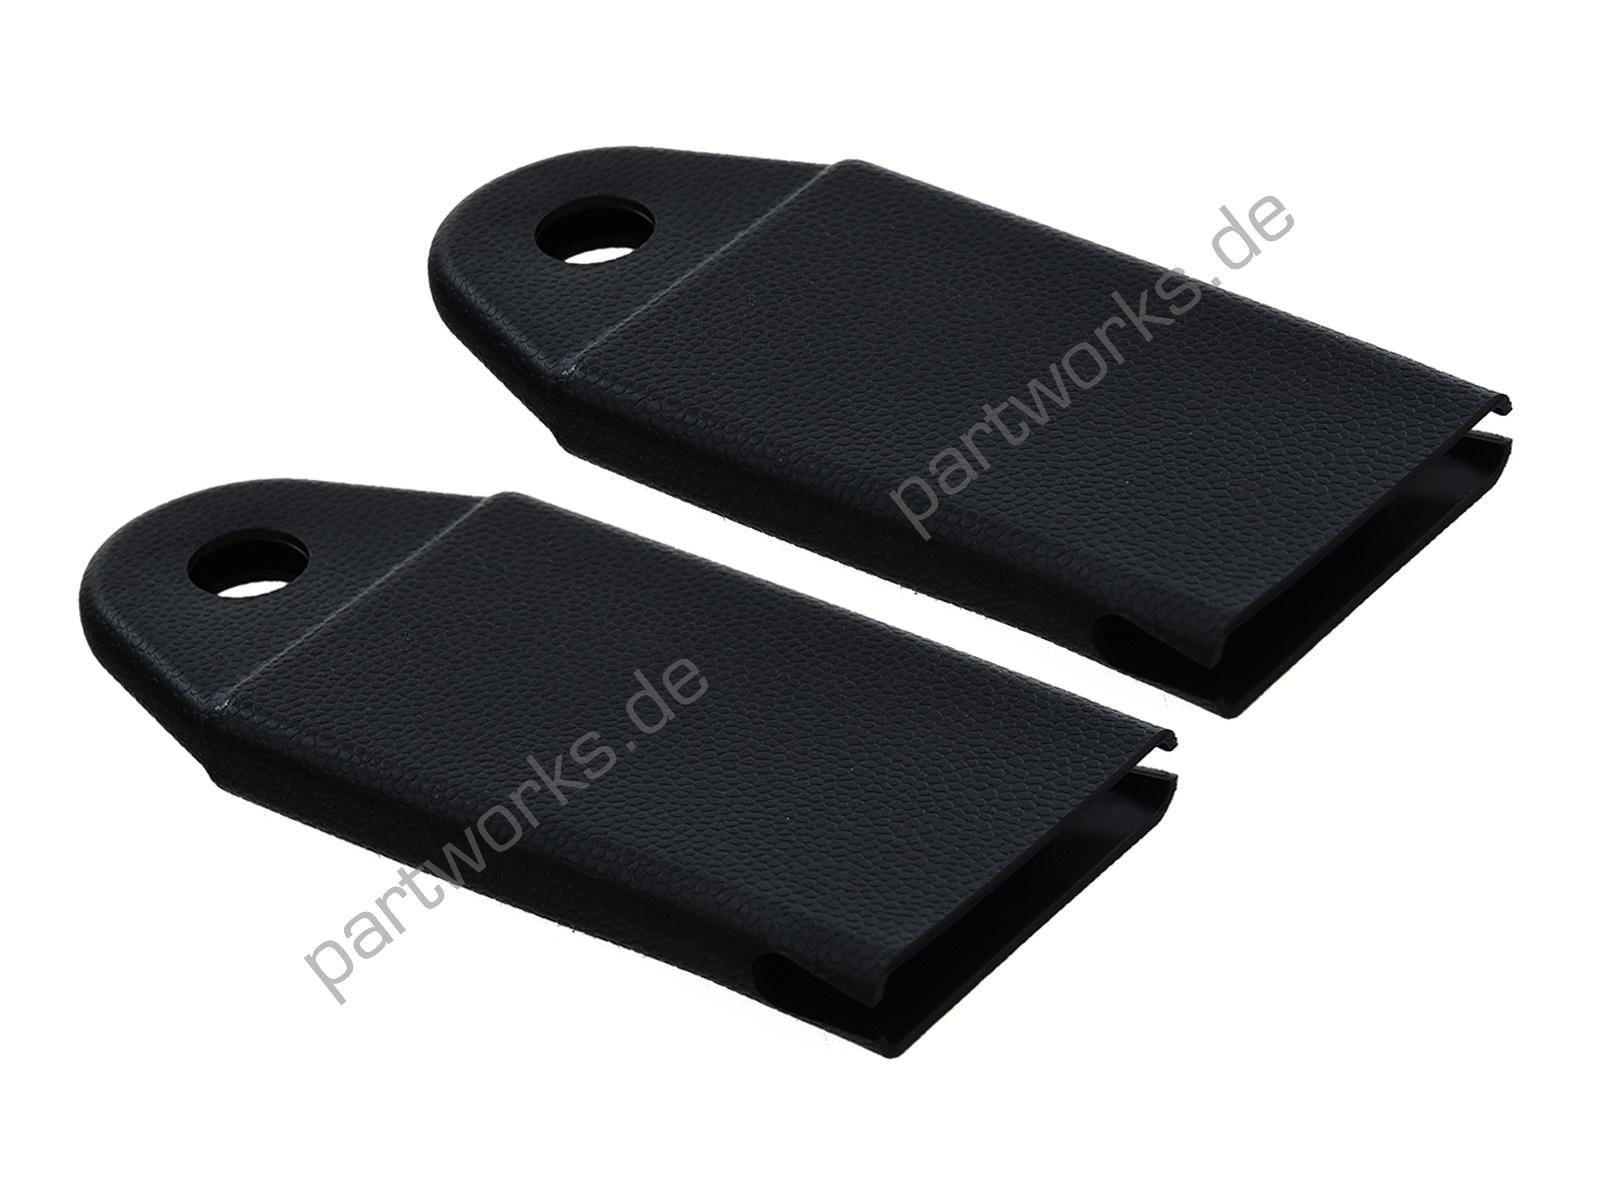 2x Abdeckung Sicherheitsgurt für Porsche 911 G 78- 924 944 964 968 993